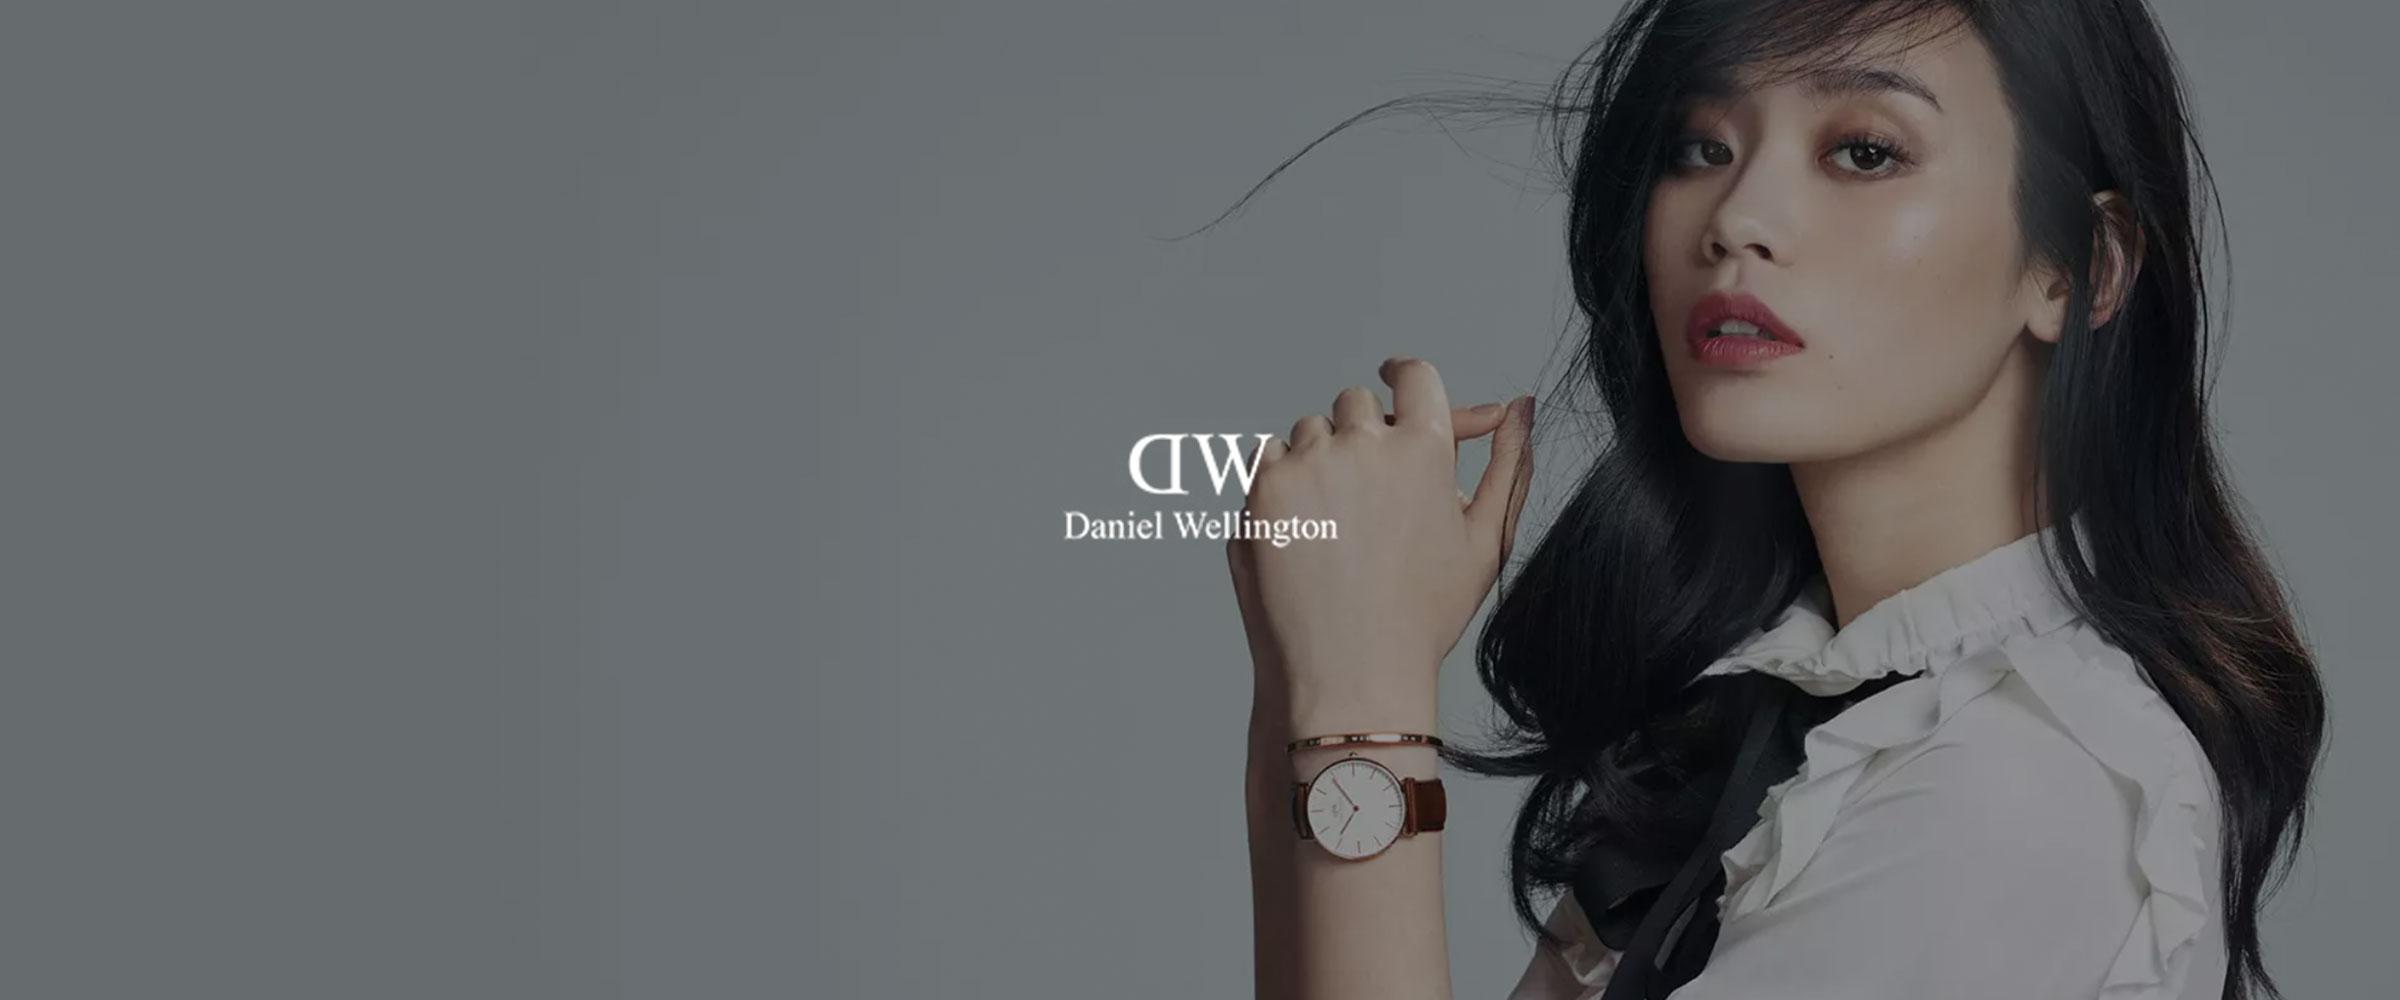 dainel-wellington.jpg